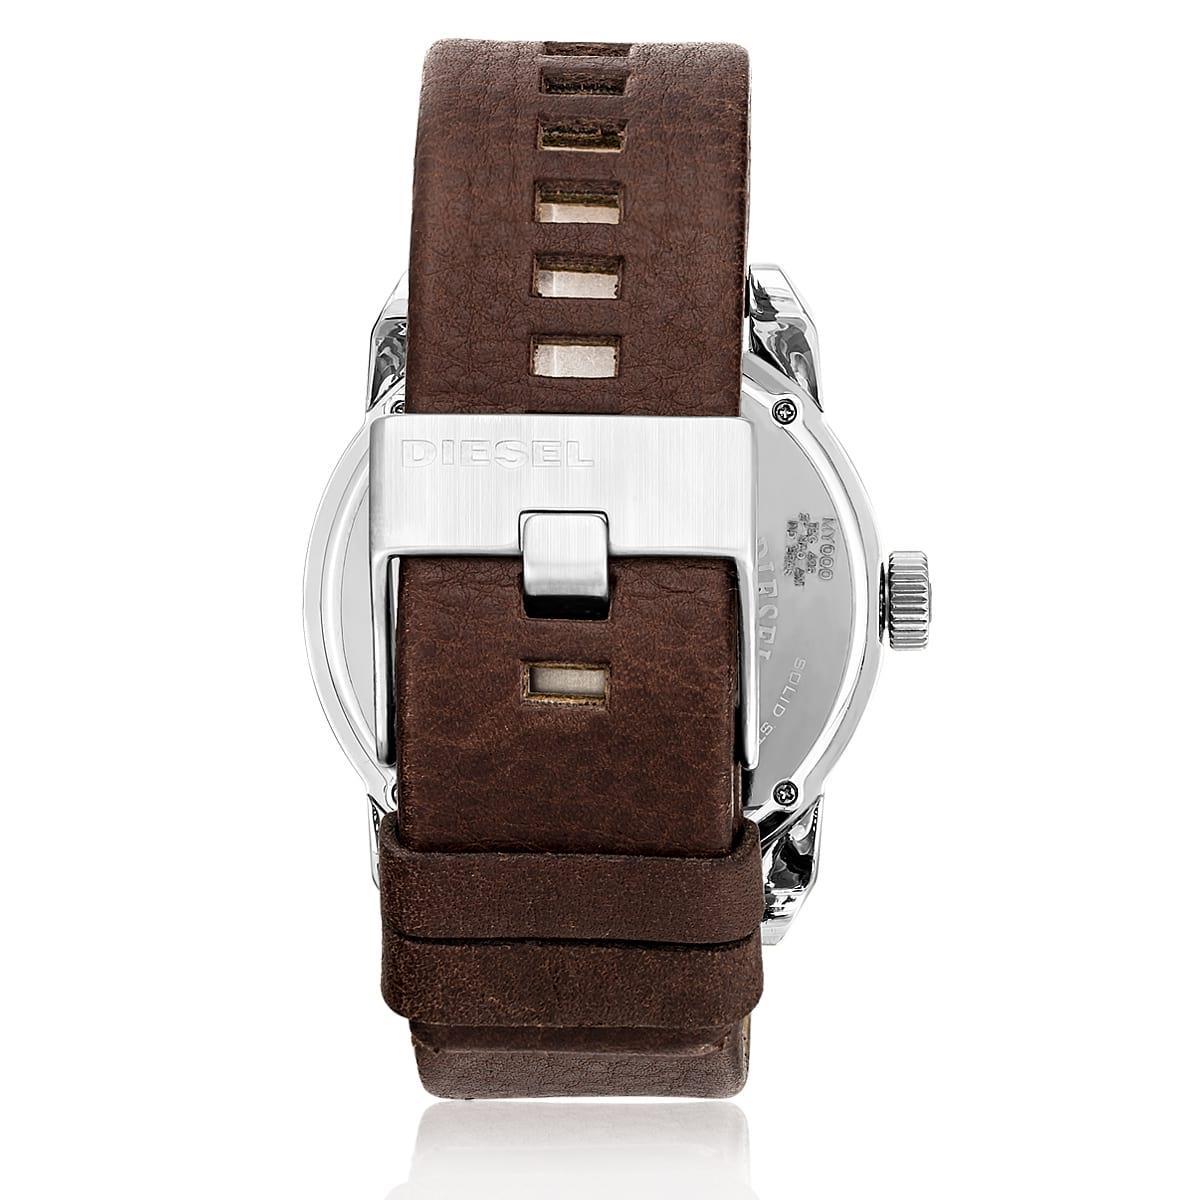 b191d9a460 Relógio Masculino Diesel Analógico IDZ1512 Z Couro Marrom